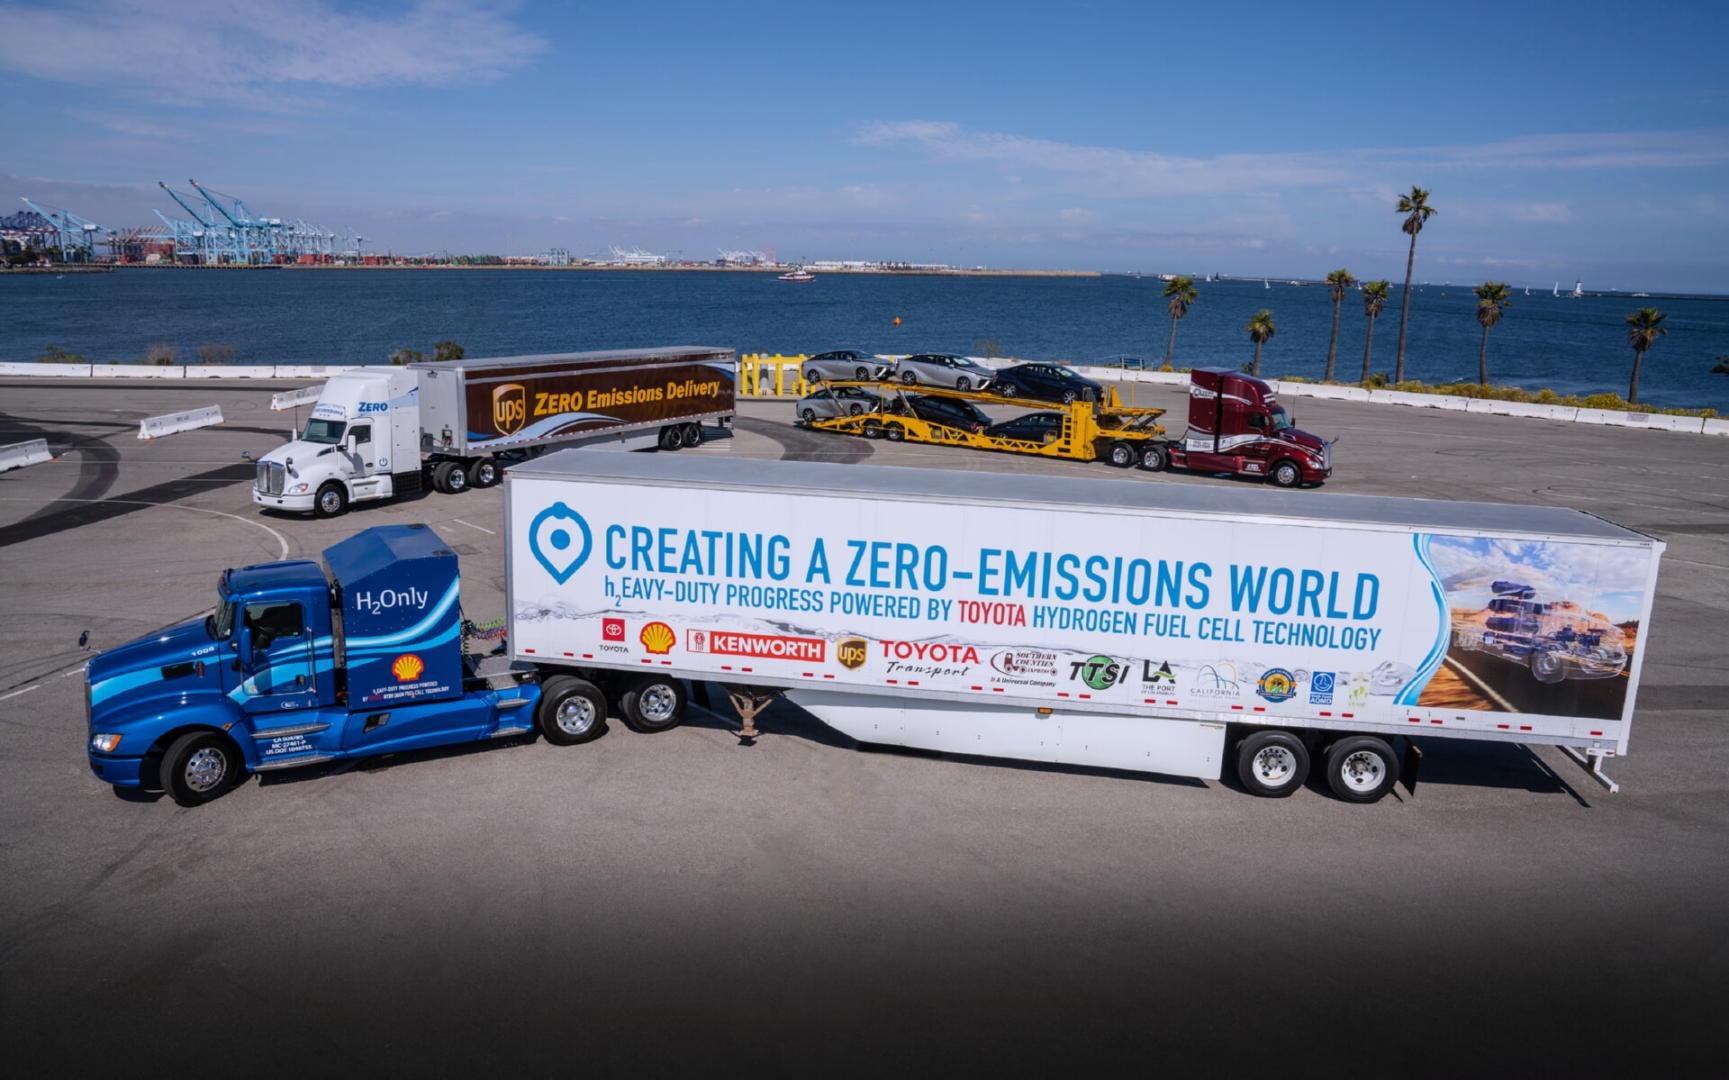 Toyota собирается разработать грузовик на топливных элементах